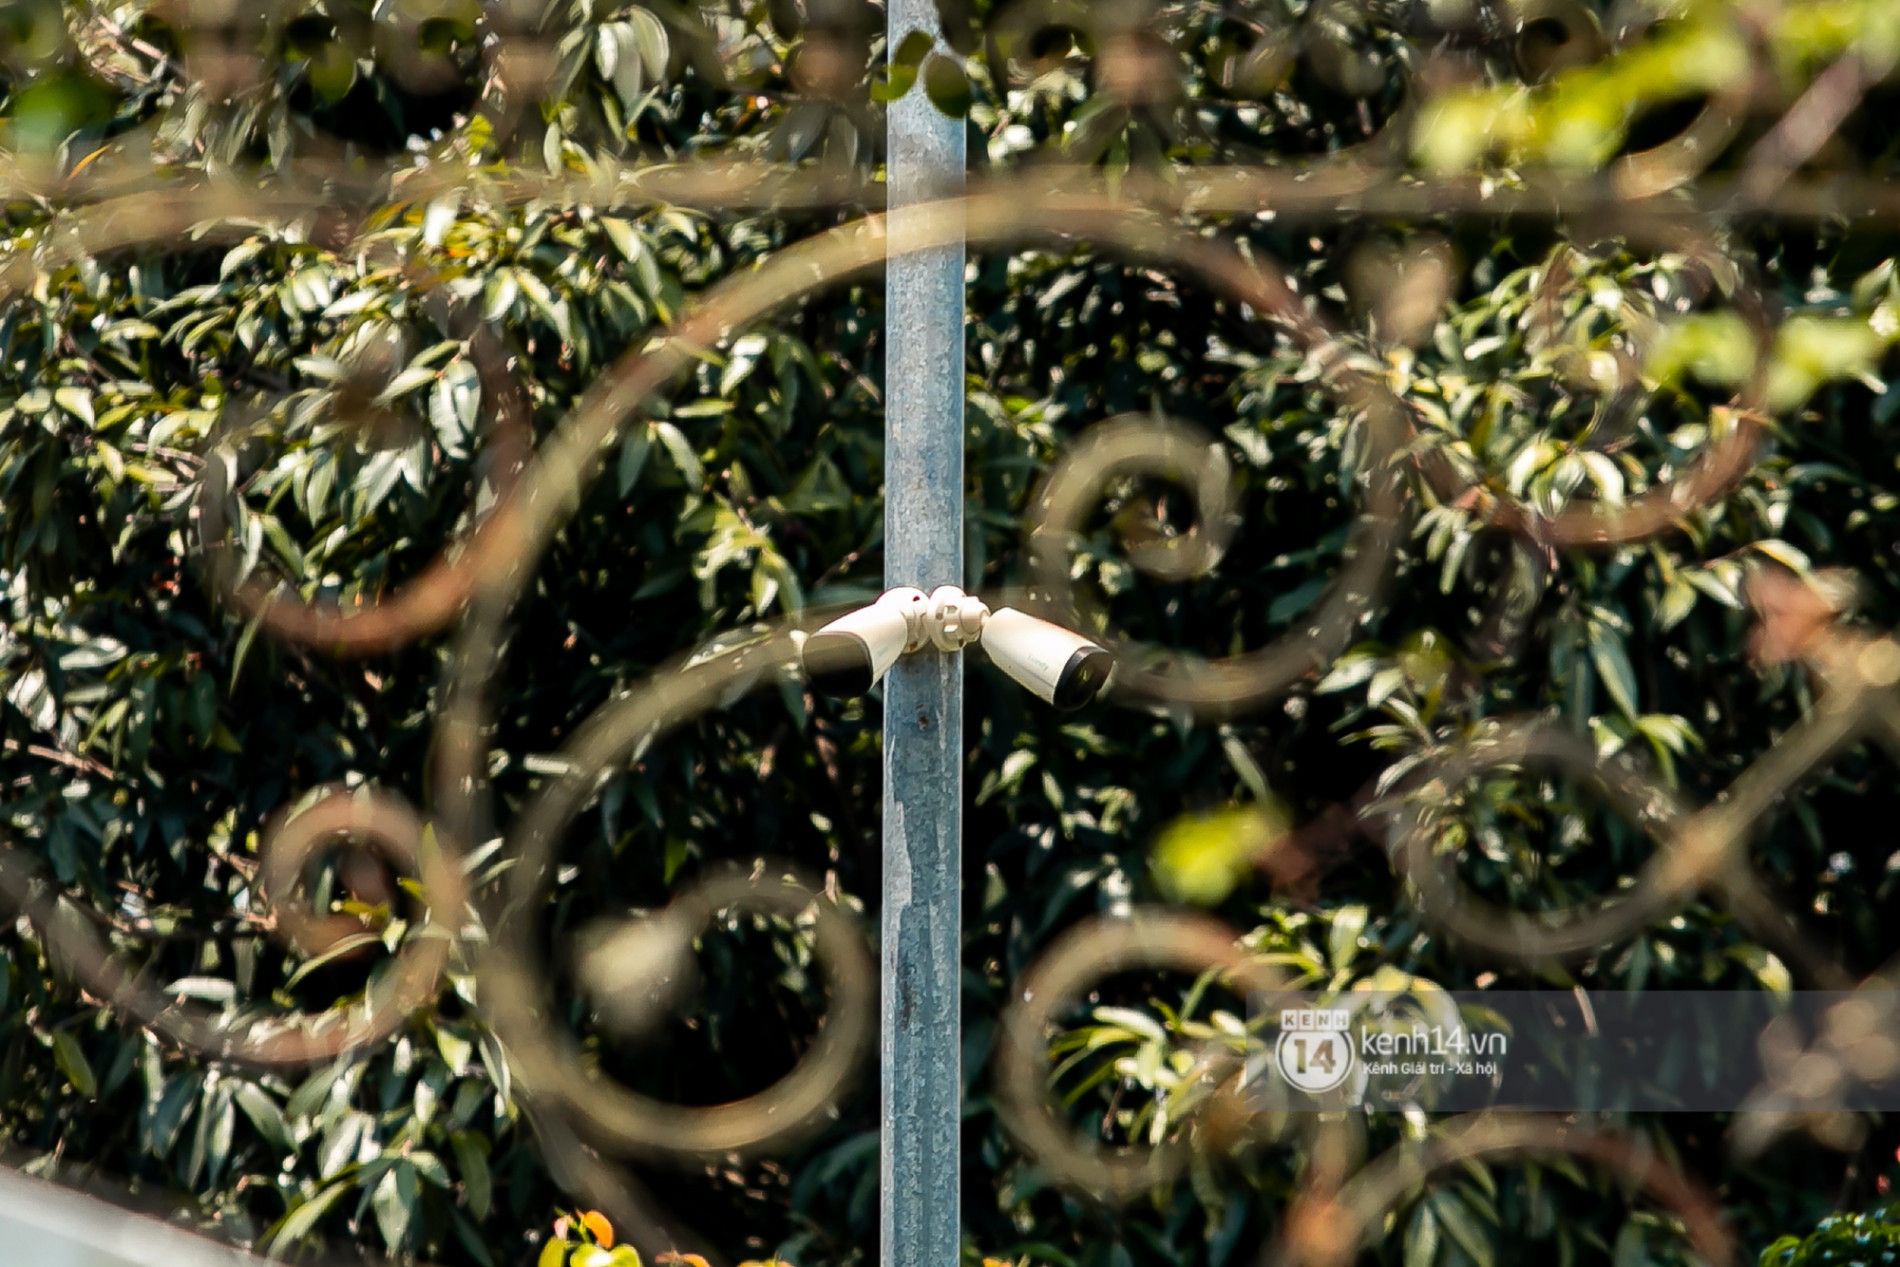 Về thăm Đền thờ Tổ nghiệp của NS Hoài Linh sau loạt lùm xùm từ thiện: Camera bố trí dày đặc, hàng xóm kể không bao giờ thấy mặt - Ảnh 8.